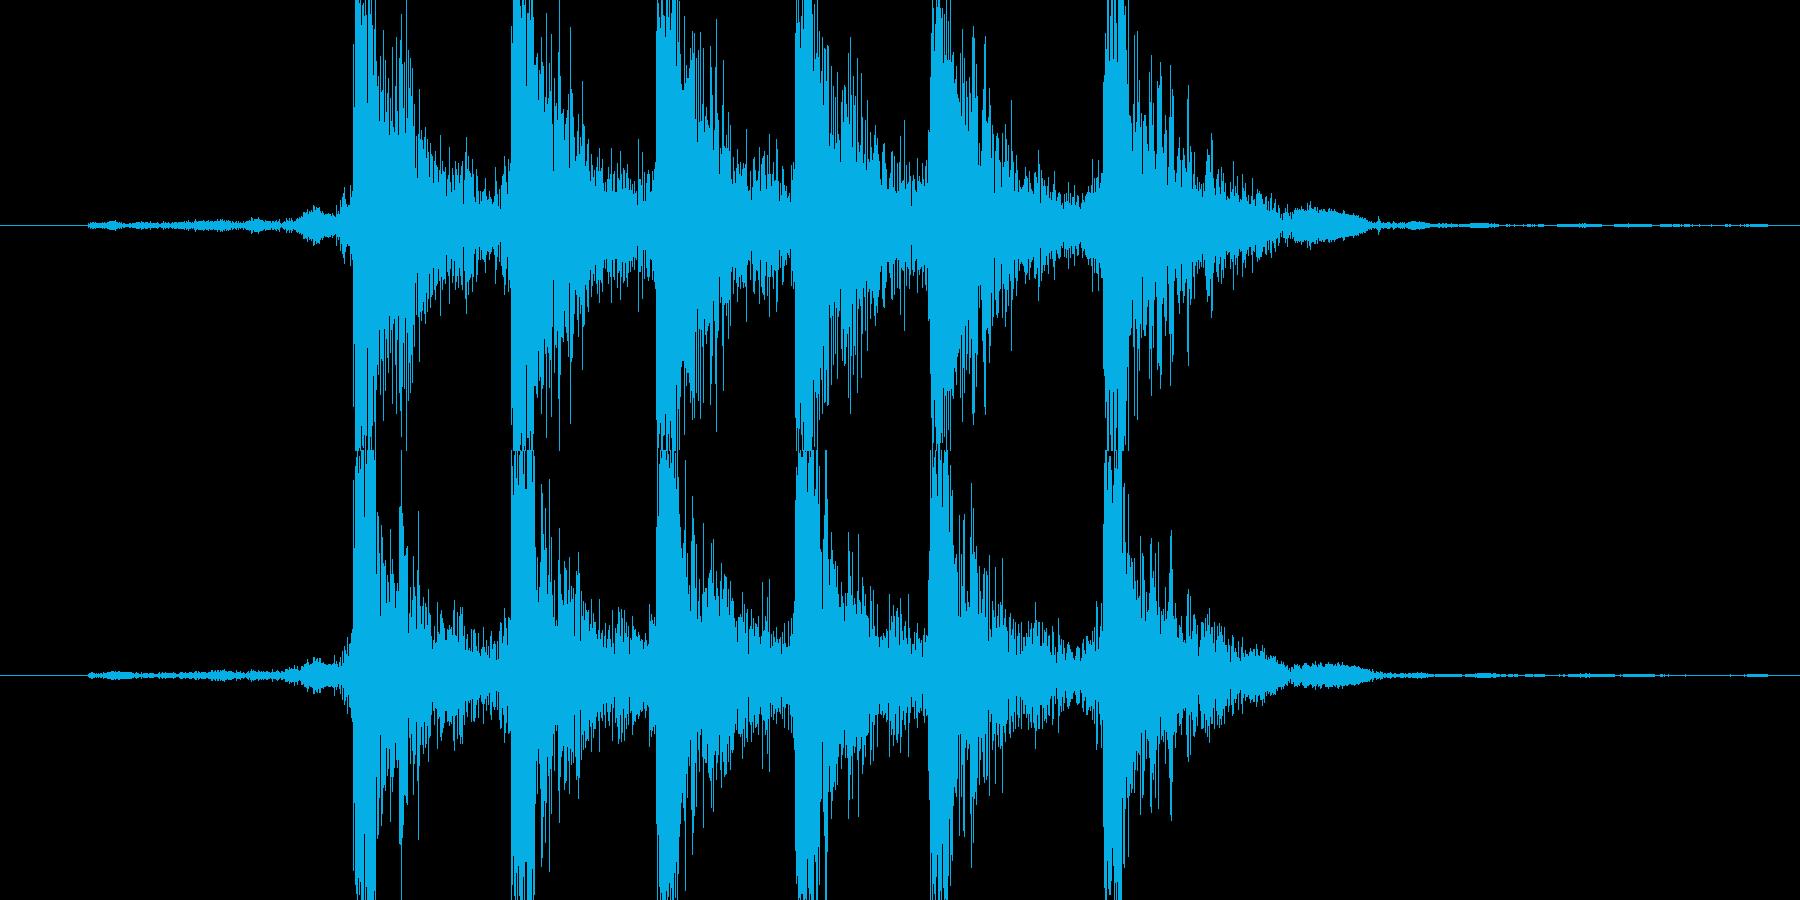 【機械/ロボット系005】ダダダ、カカカの再生済みの波形